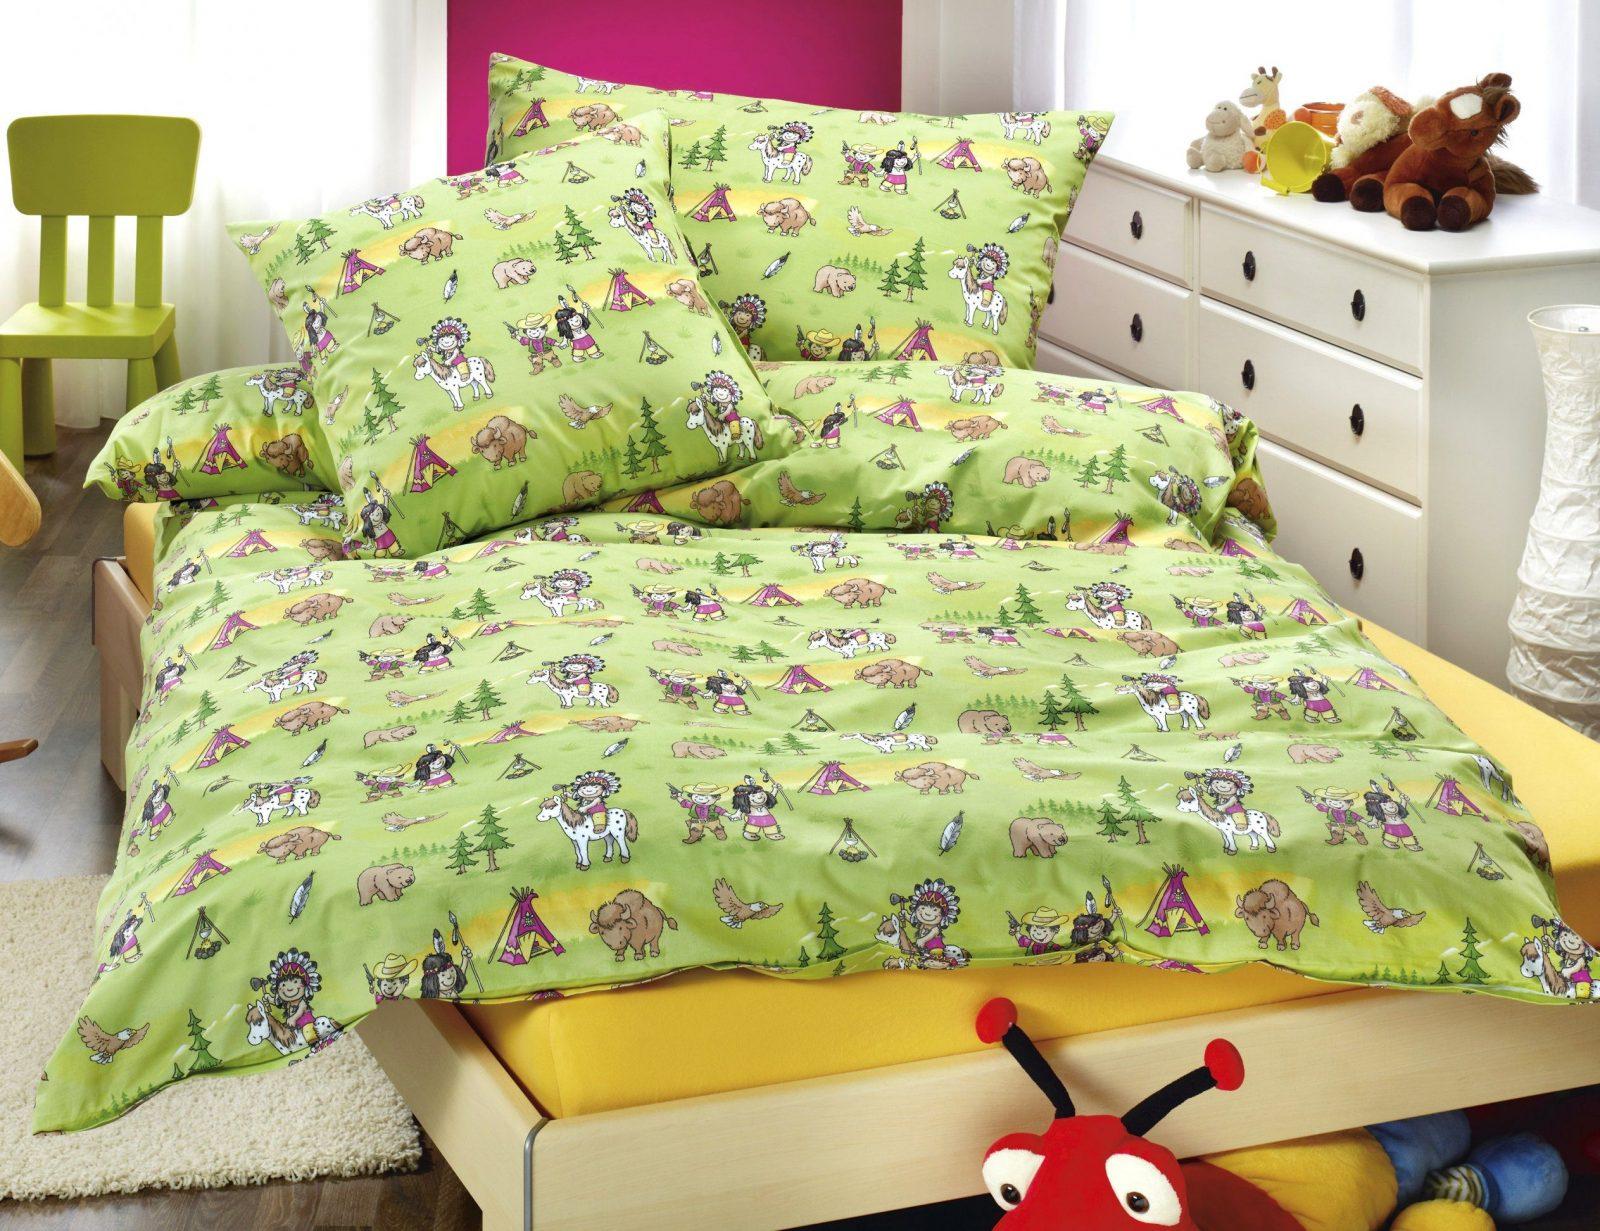 Sehr Gute Ideen Neue Bettwäsche Waschen Und Auf Wieviel Grad Bettw von Bettwäsche Wieviel Grad Photo